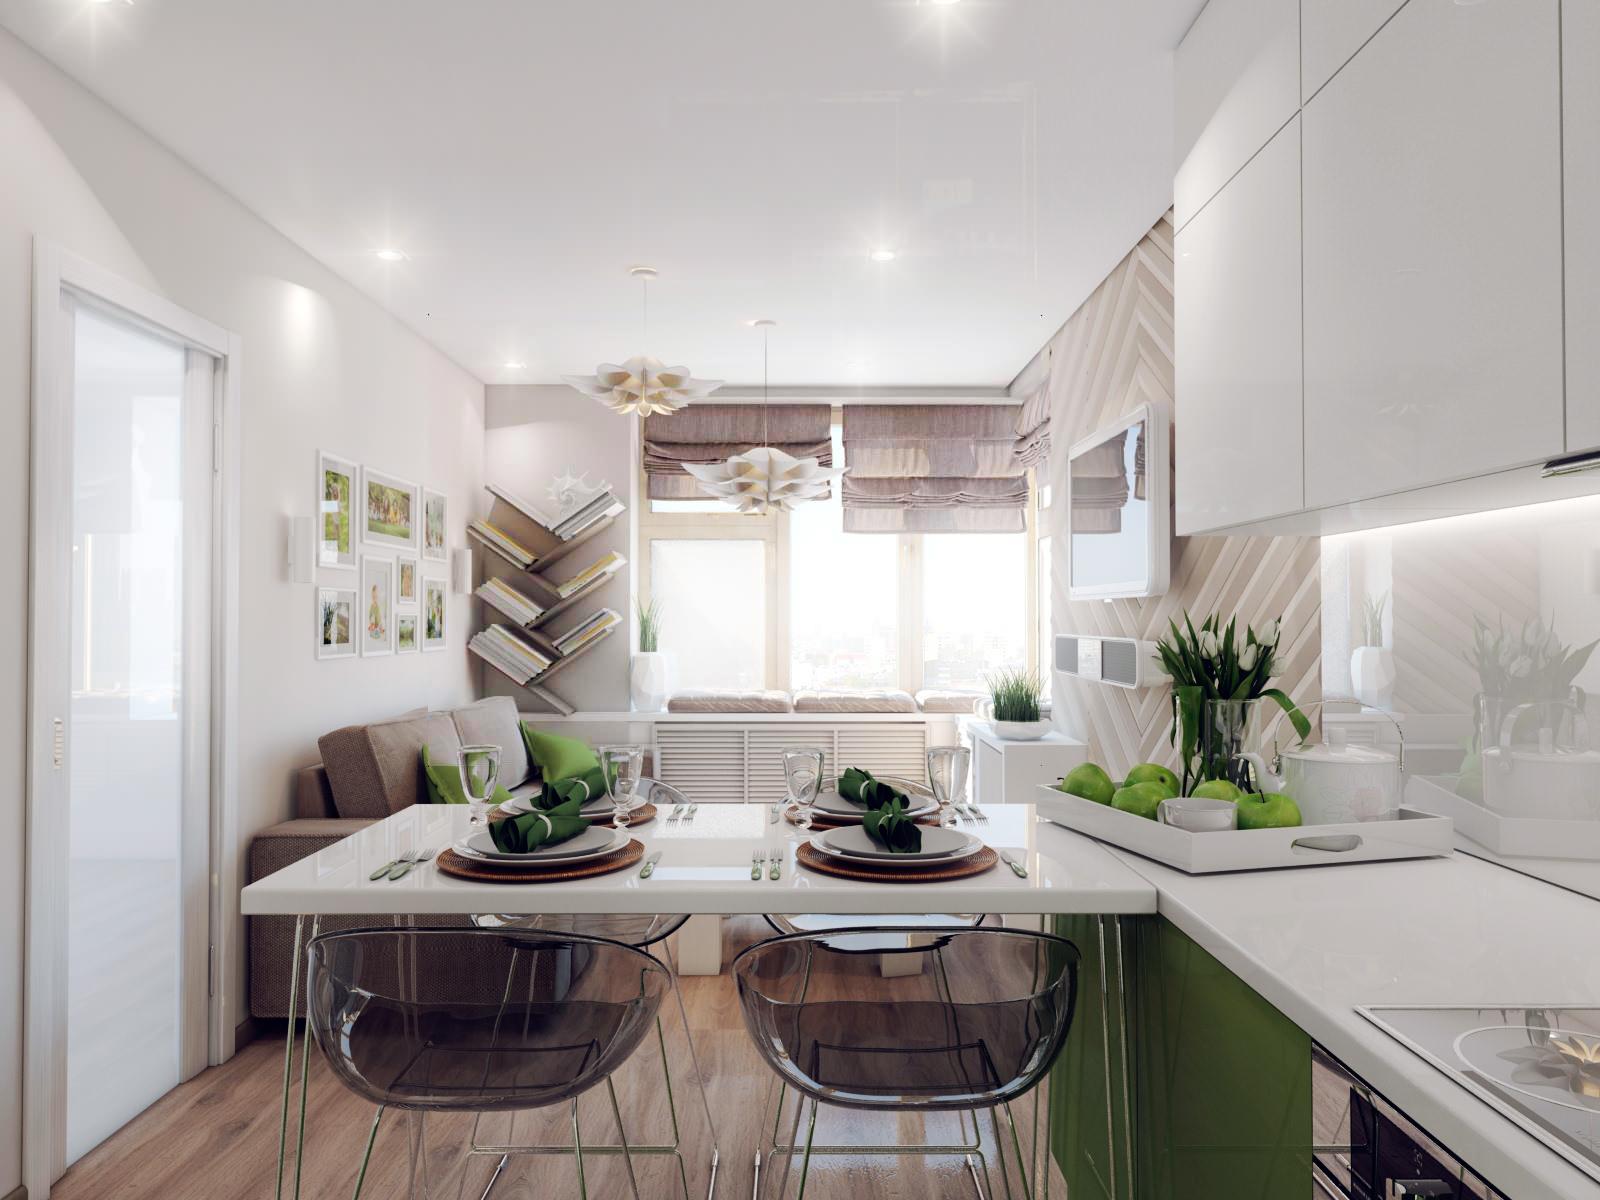 mini-apartament-sas-svej-i-praktichen-interioren-dizain-44-m-2g